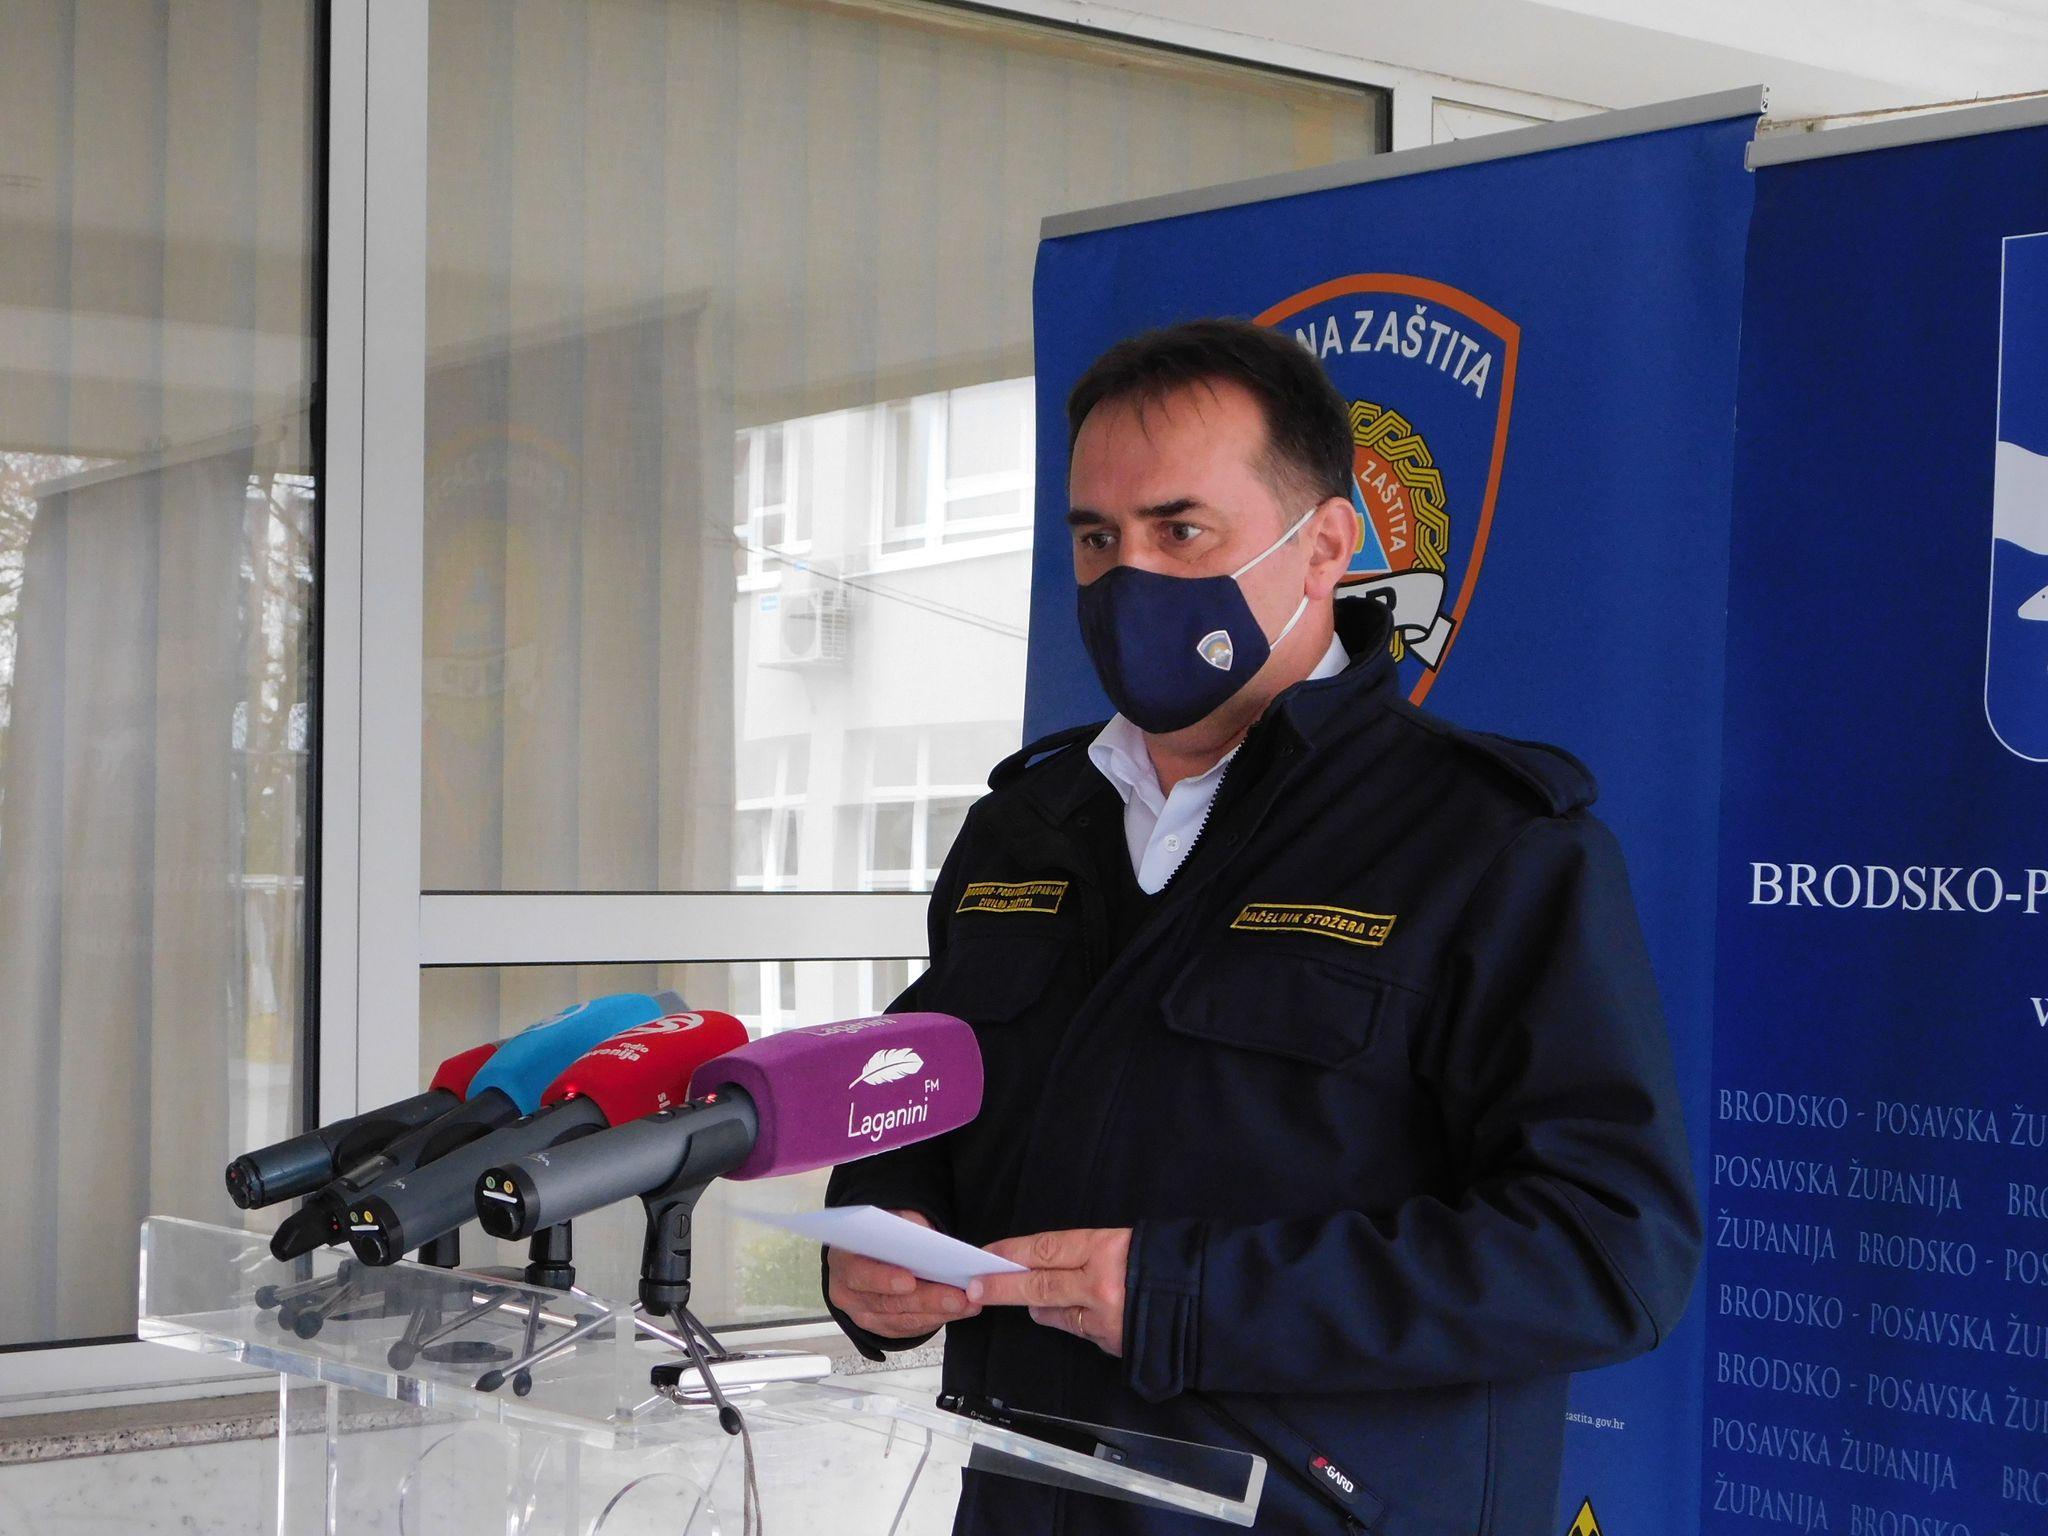 U Brodsko-posavskoj županiji danas 26 novih pozitivnih nalaza, dvije osobe su preminule